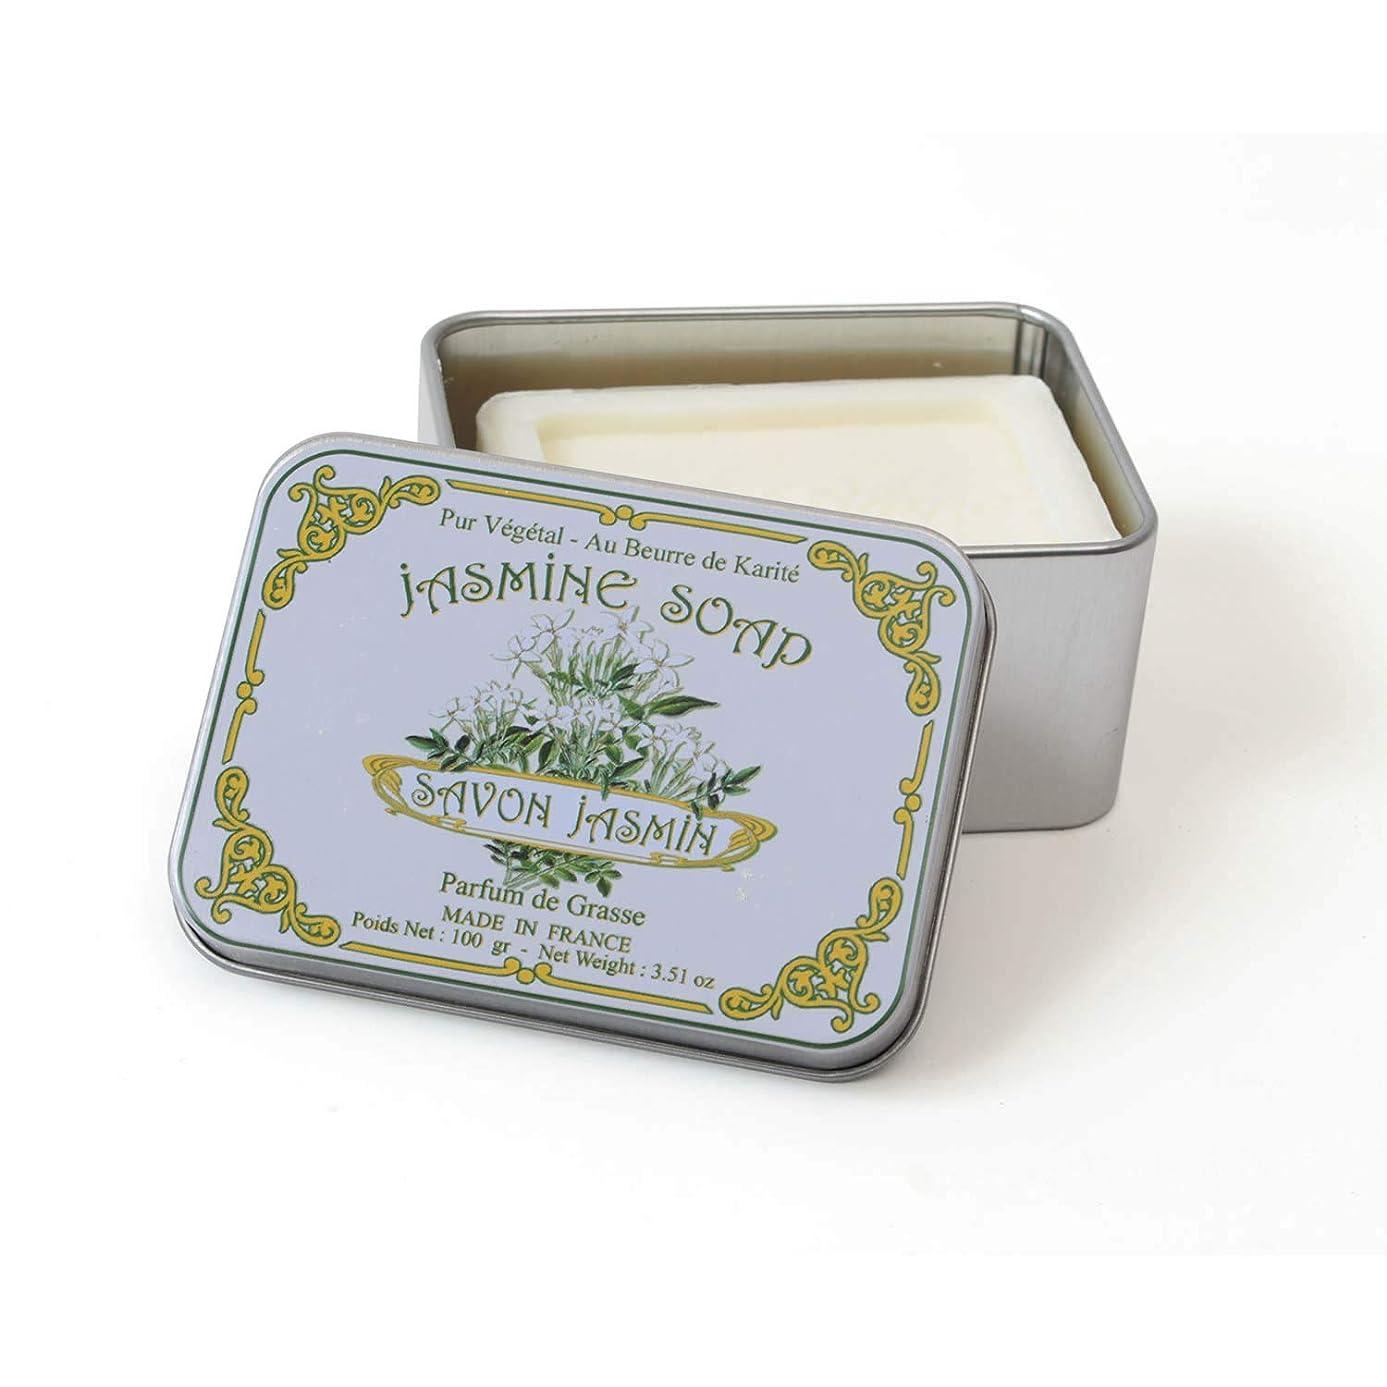 エッセンス課すコミュニケーションLe Blanc ルブランソープ ジャ スミンの香り